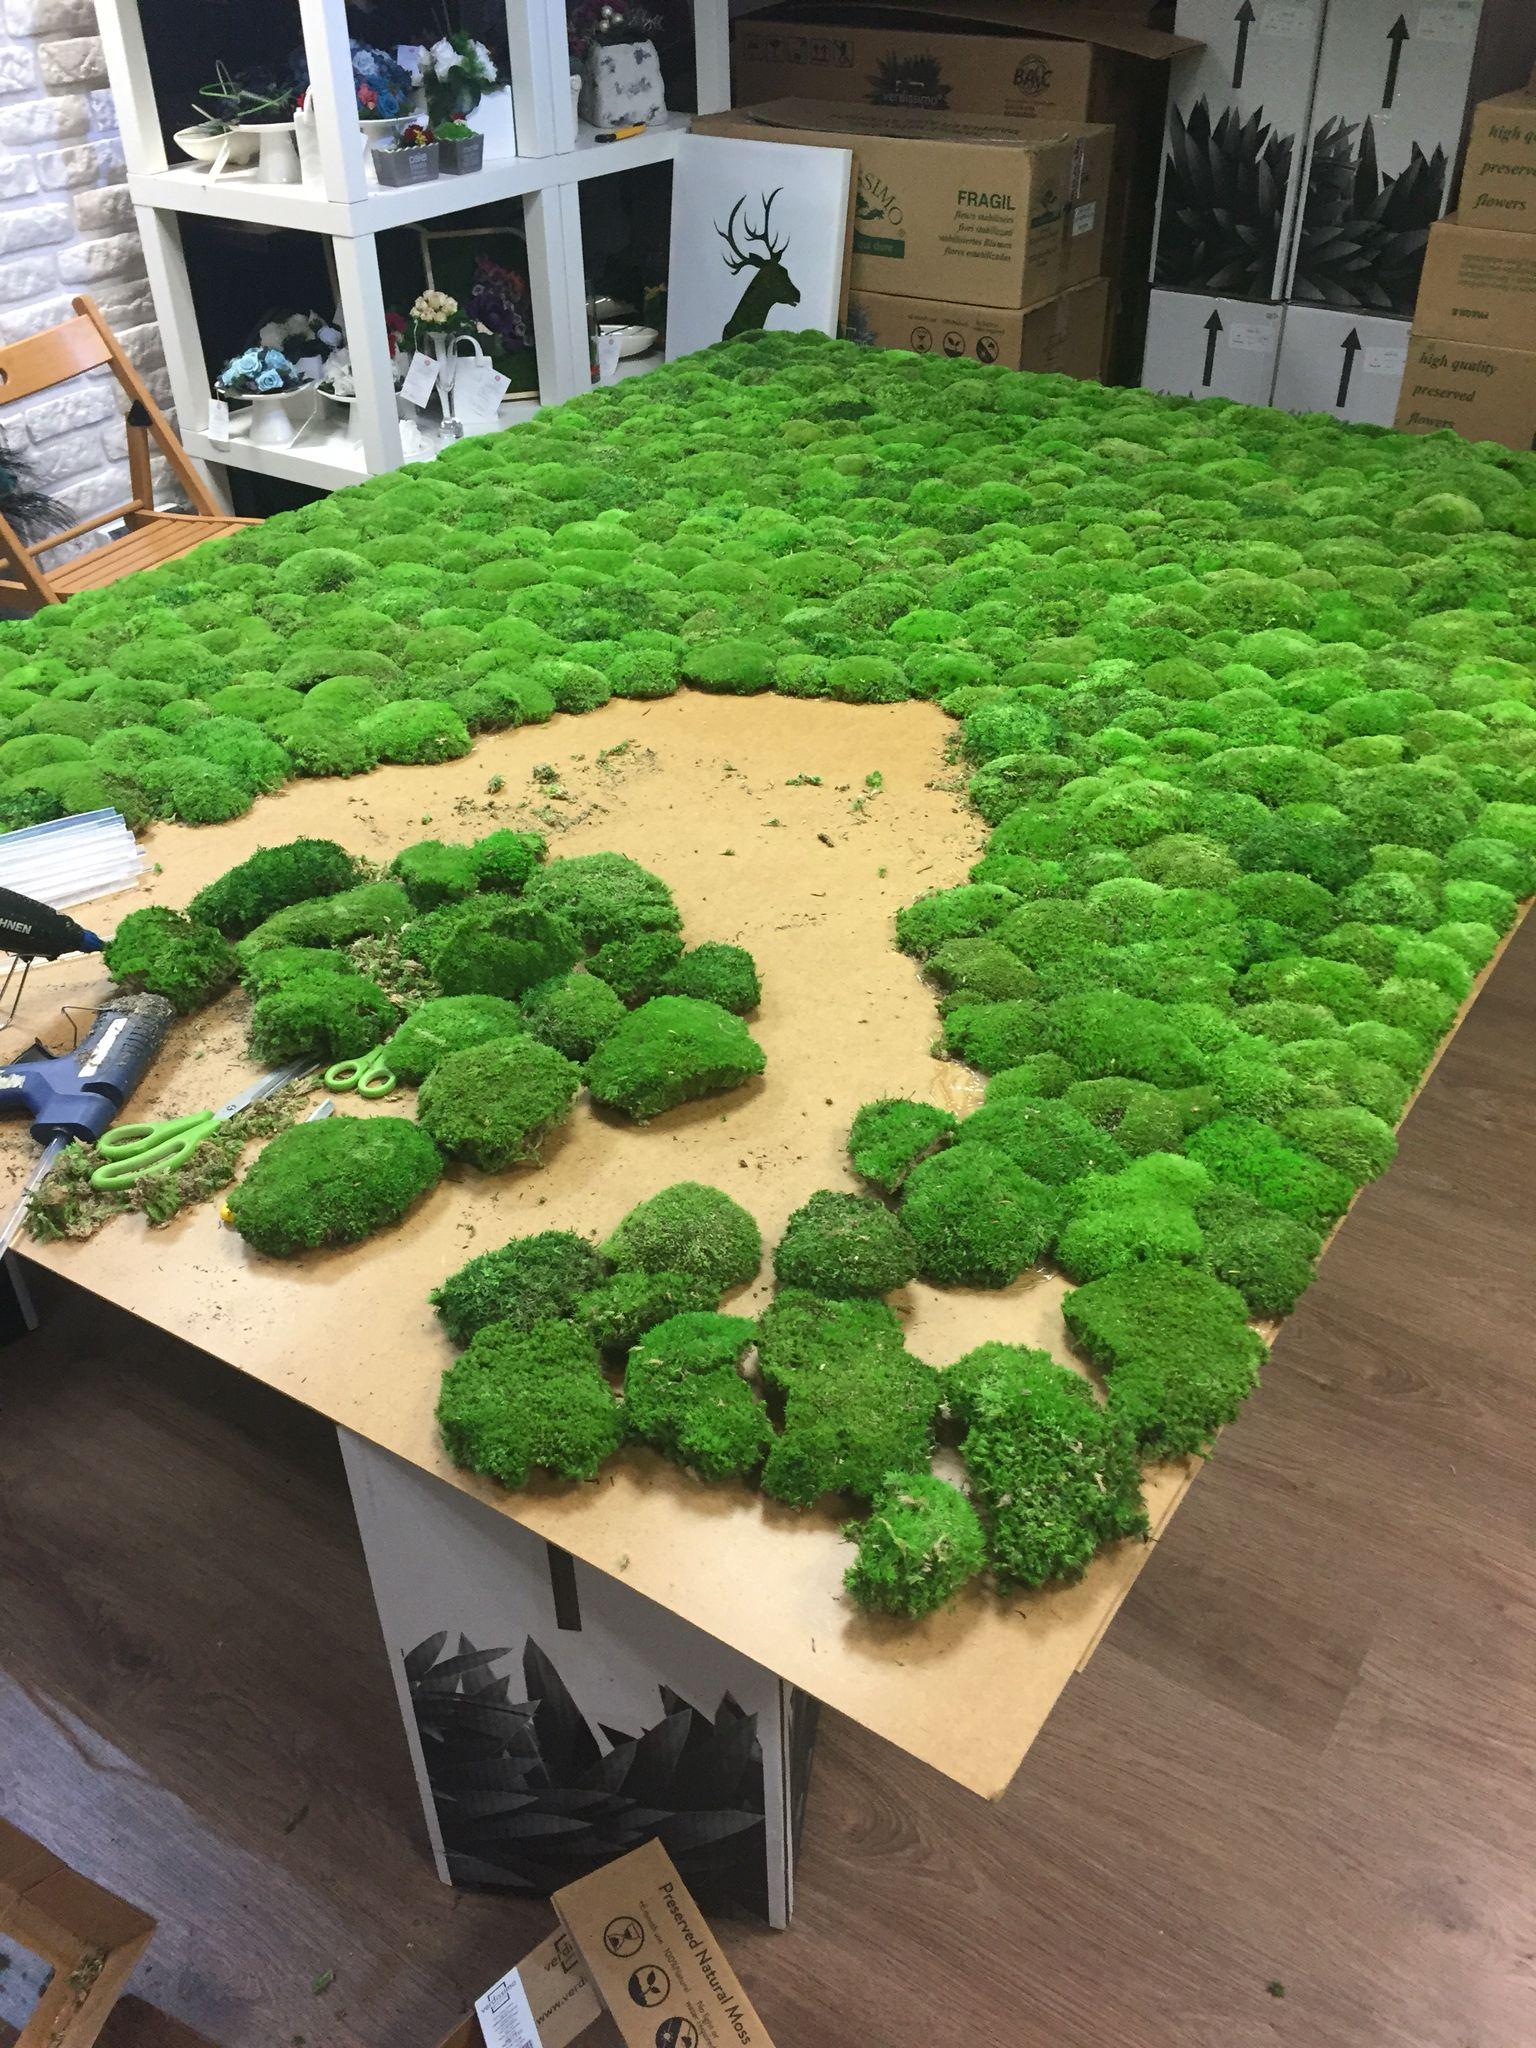 Budujemy kolejn cian z mchu stabilizowanego zielone ciany pinterest moos vertikal - Diy pflanzenwand ...